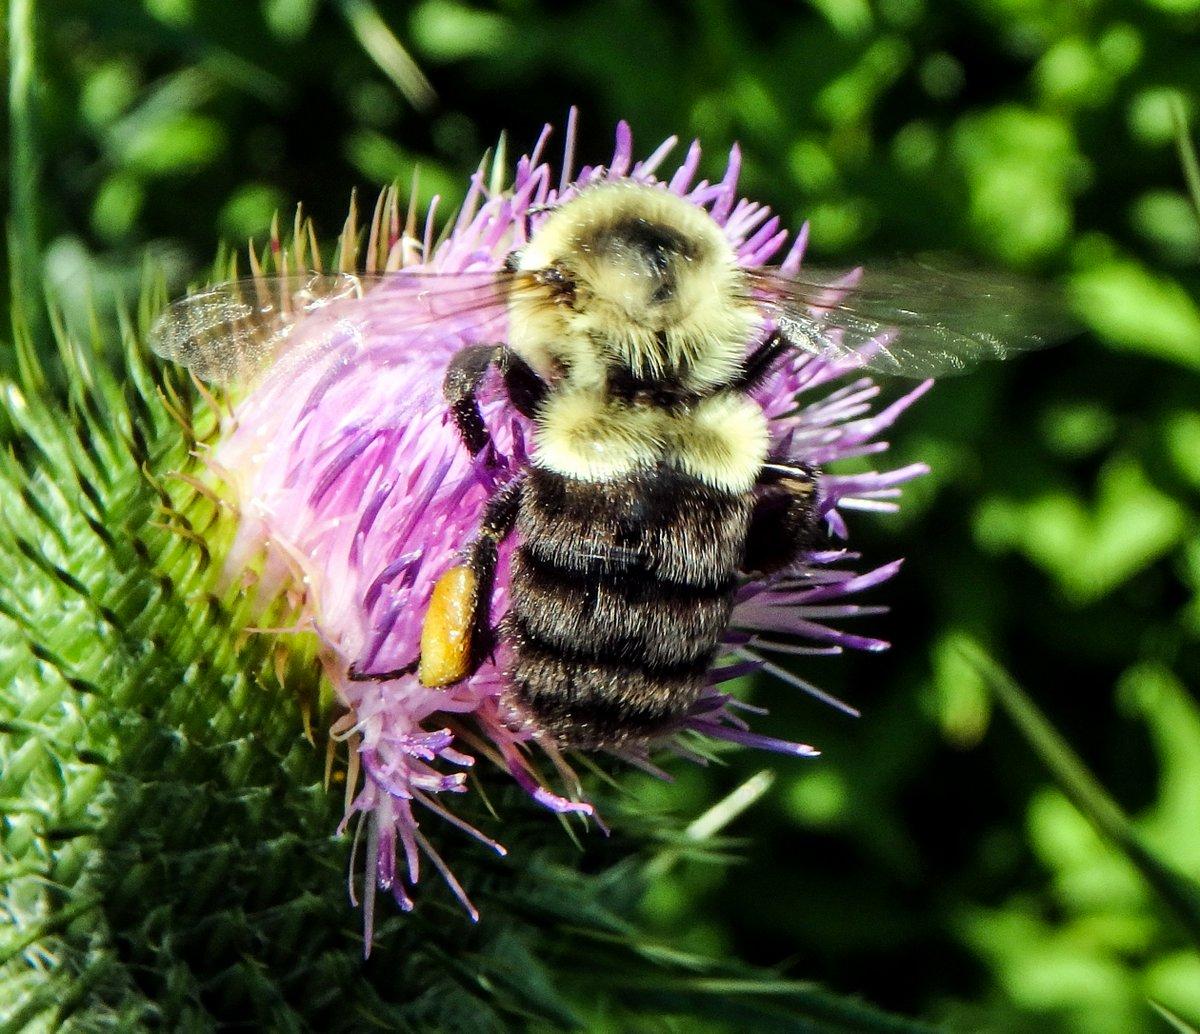 11. Bumblebee on Thistle